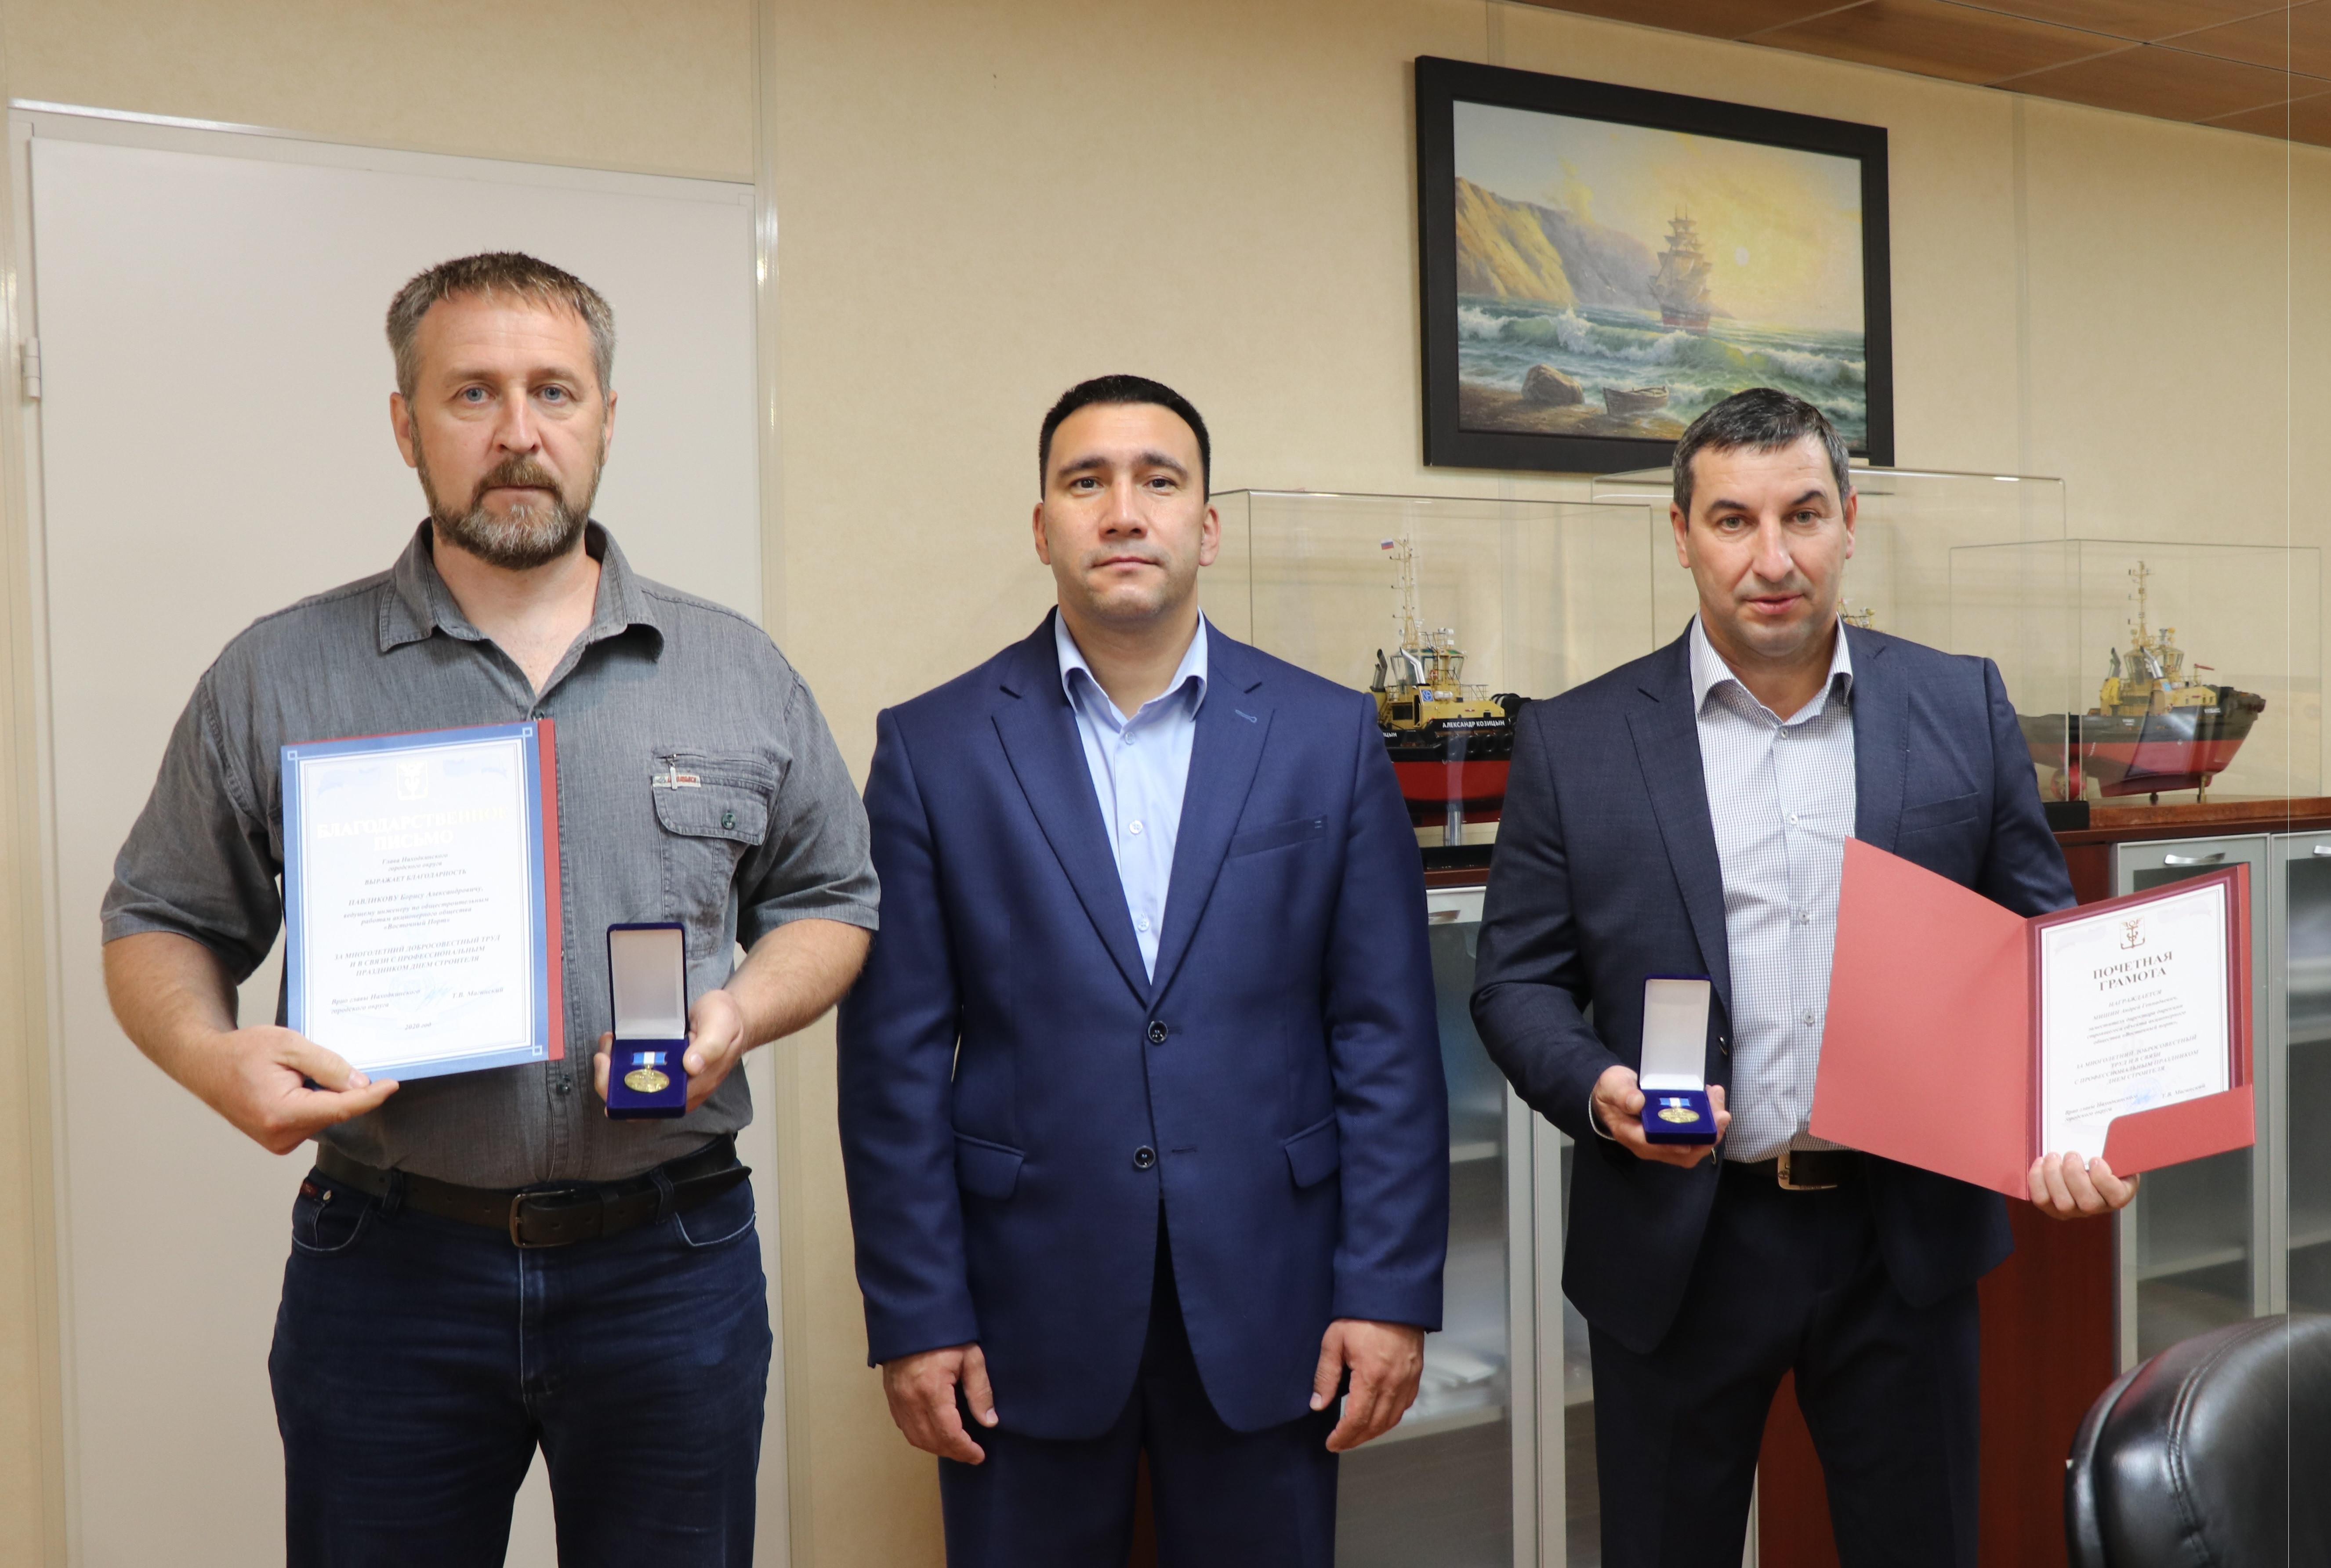 Власти Приморья и Находки наградили лучших строителей АО «Восточный Порт»